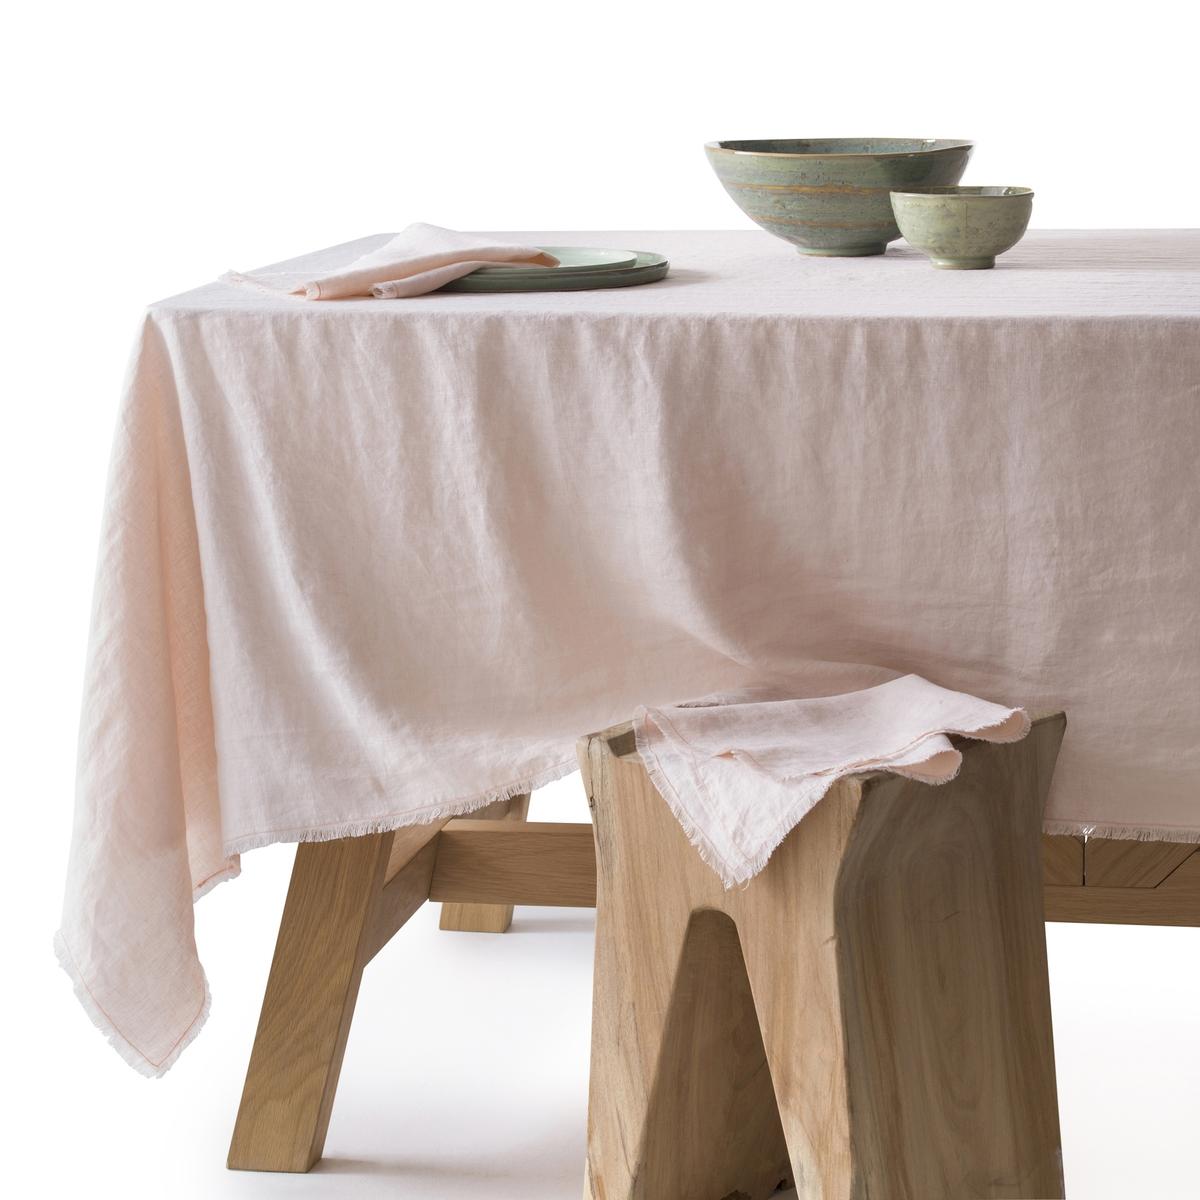 Скатерть из стиранного льна, YastigiСкатерть Yastigi. Скатерть, сочетающая натуральную мягкость стиранного льна и изысканность отделки бахромой Столовые салфетки Yastigi из комплекта продаются на нашем сайте . Материал : - 100% стираный лен<br><br>Цвет: белый,серо-бежевый,серый<br>Размер: 150 x 250 см